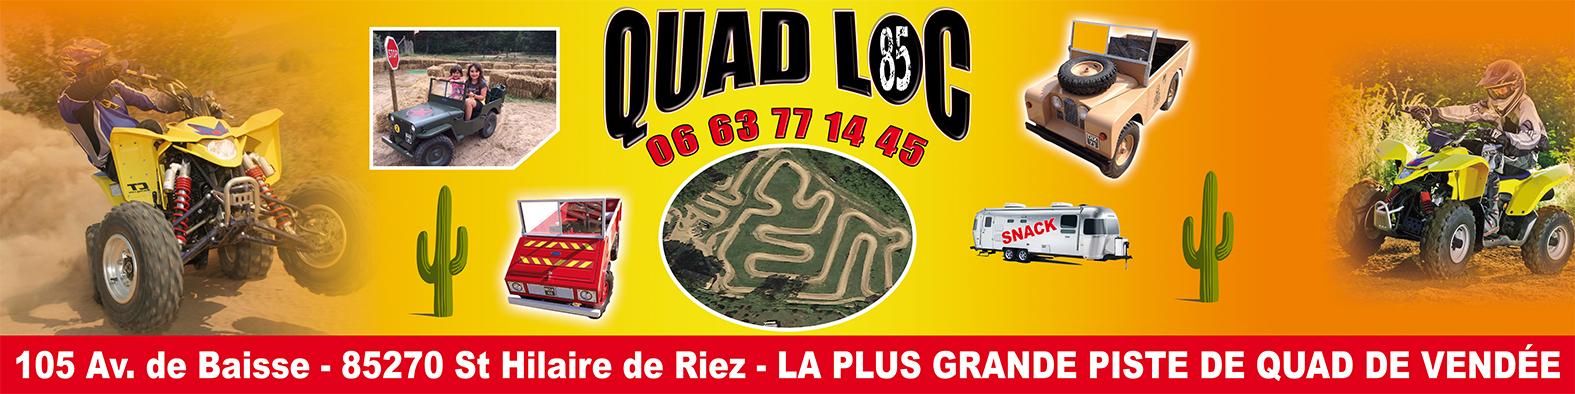 Banderole quadloc 400 x 100 cm 2